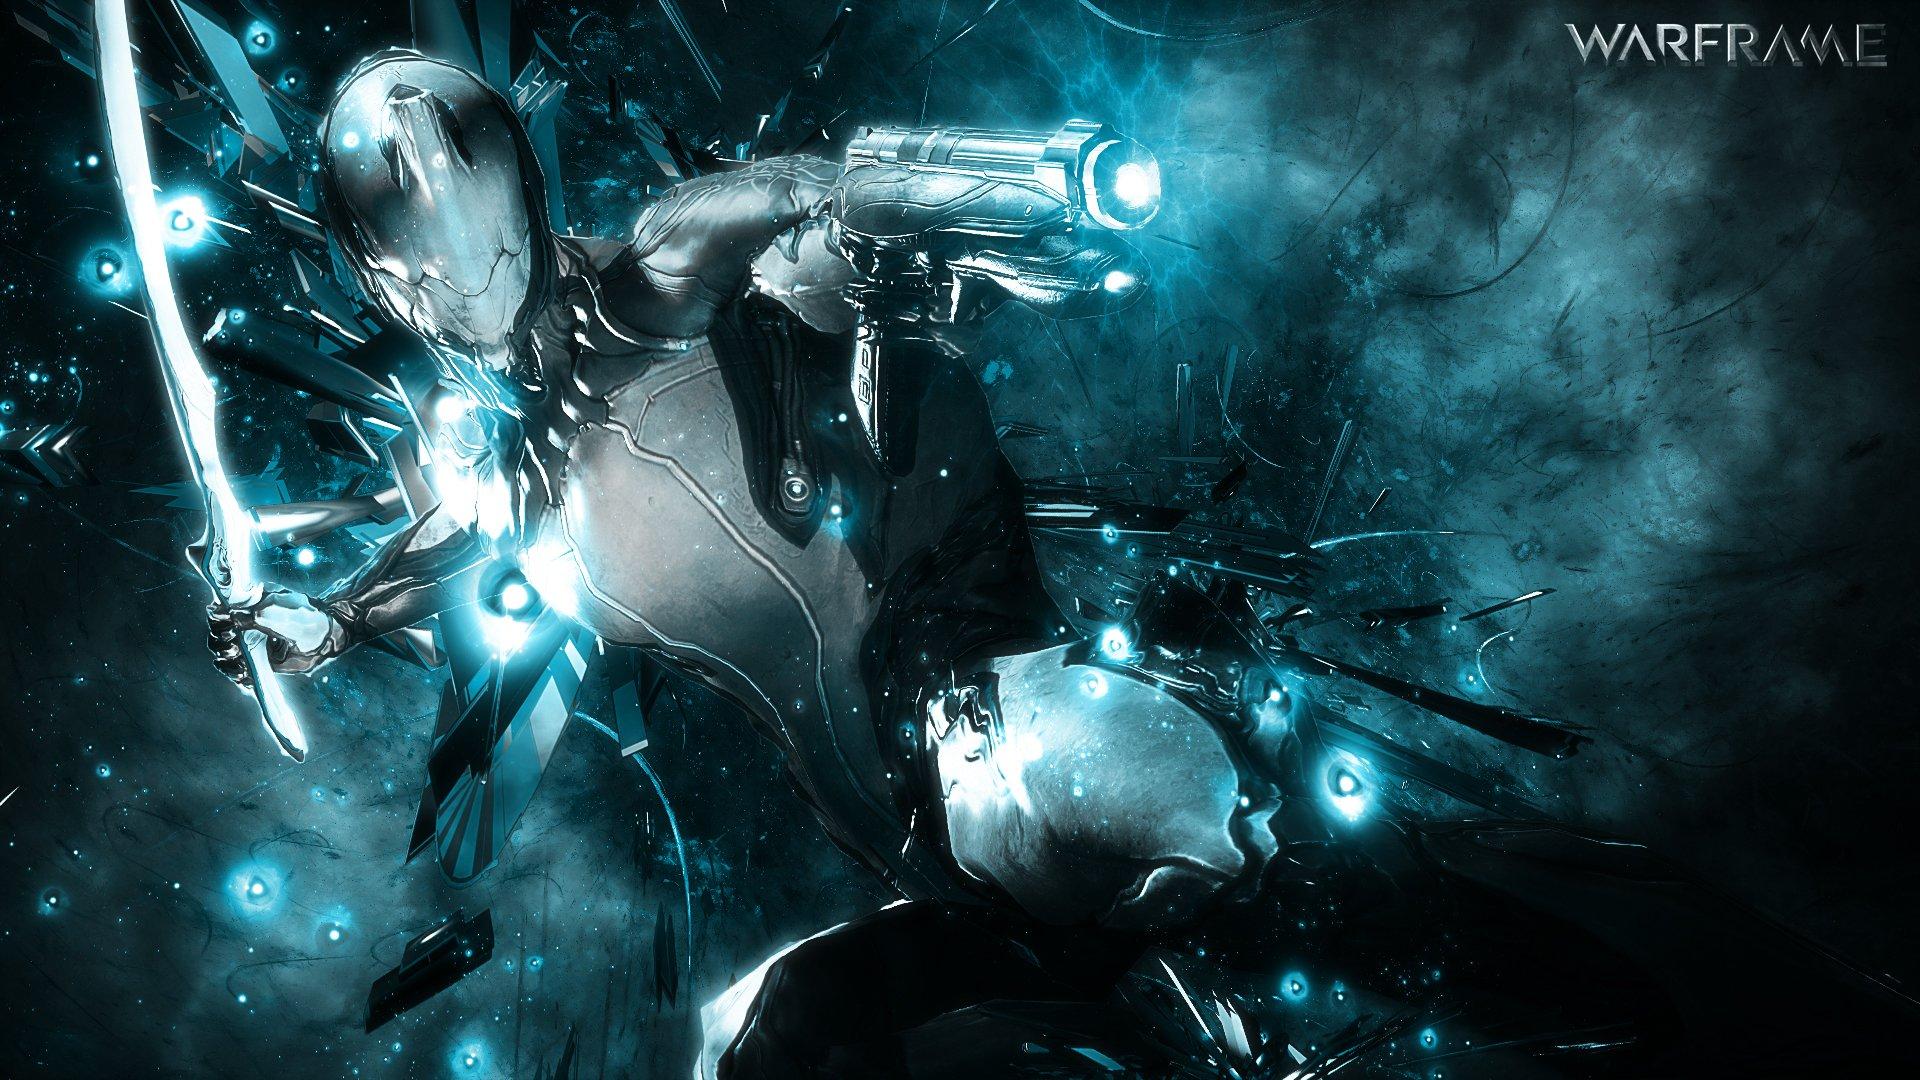 warframe warrior shooter sci fi robot wallpaper